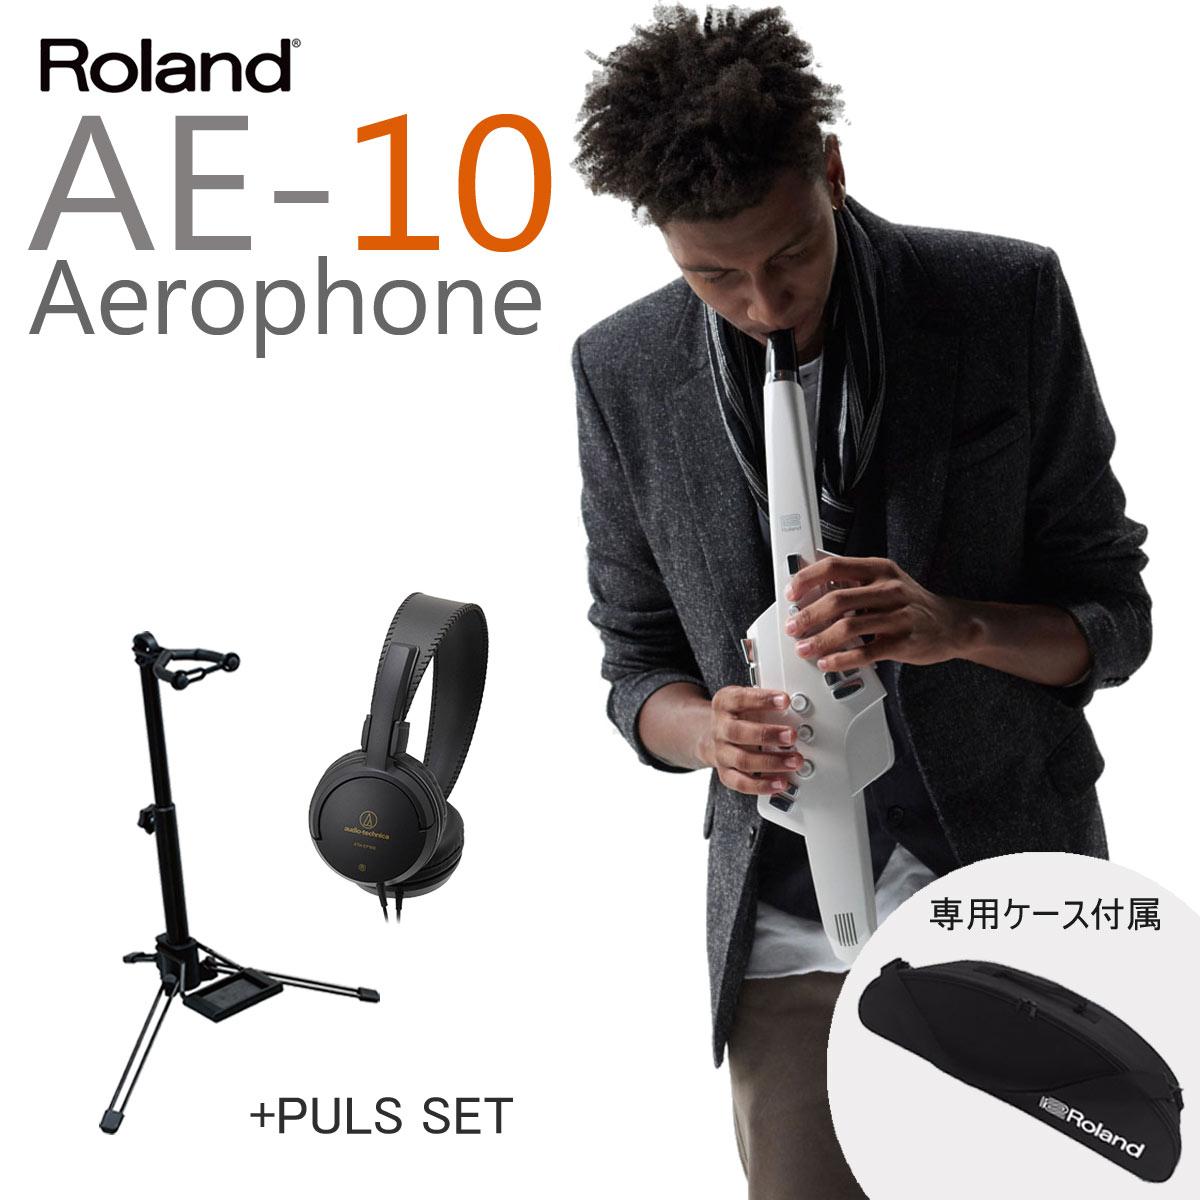 【在庫あり】Roland ローランド / Aerophone AE-10 エアロフォン デジタル管楽器 【スタンド&ヘッドフォンセット】【送料無料】【YRK】